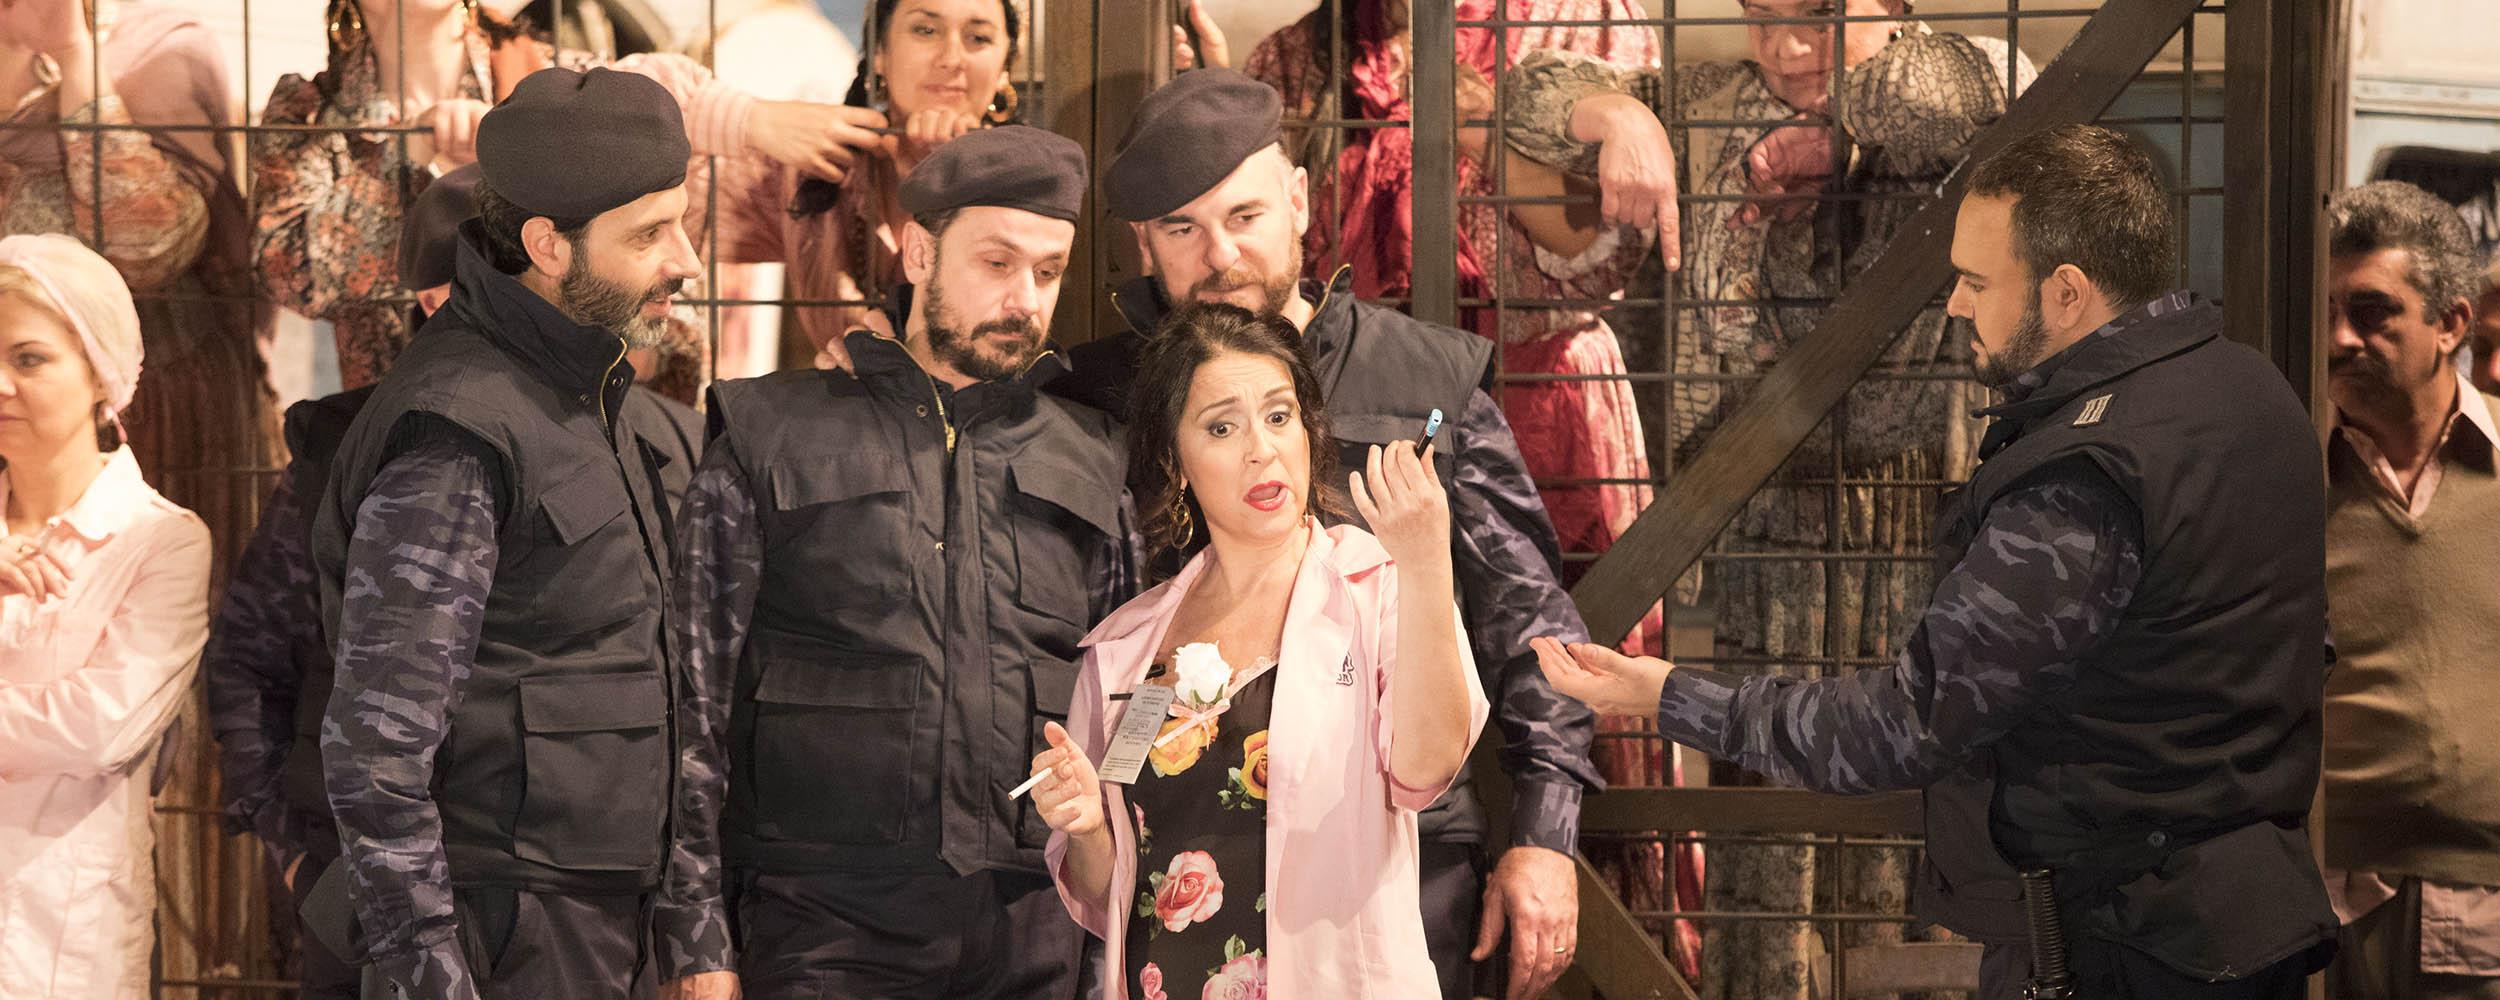 Carmen, la ópera de Bizet, llega al Teatro del Maggio Musicale Fiorentino